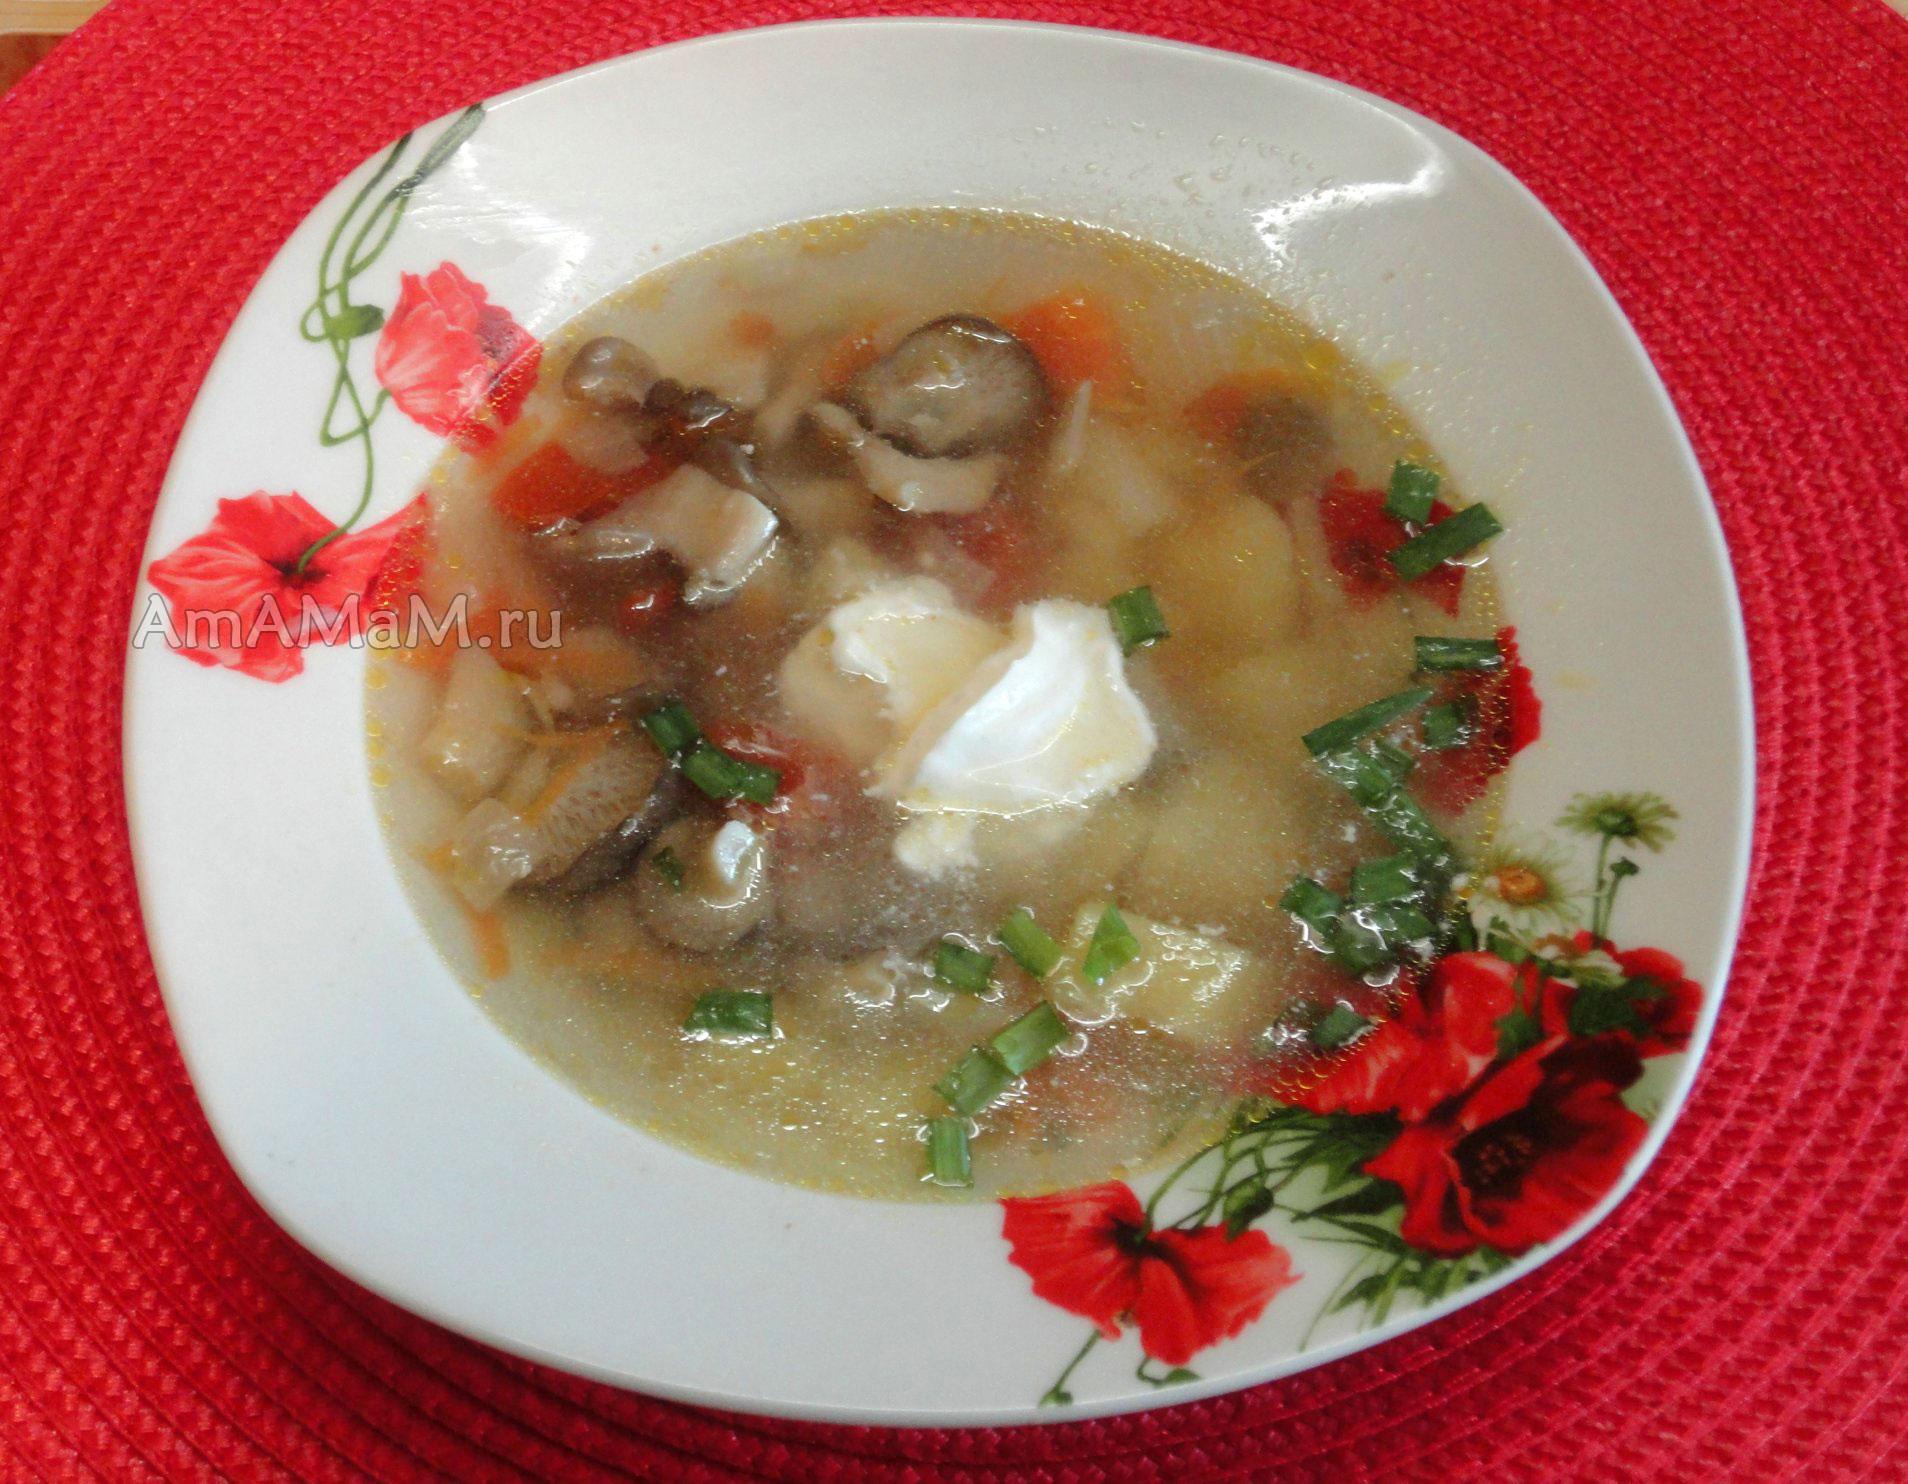 фрикаделевый суп рецепт с картошкой